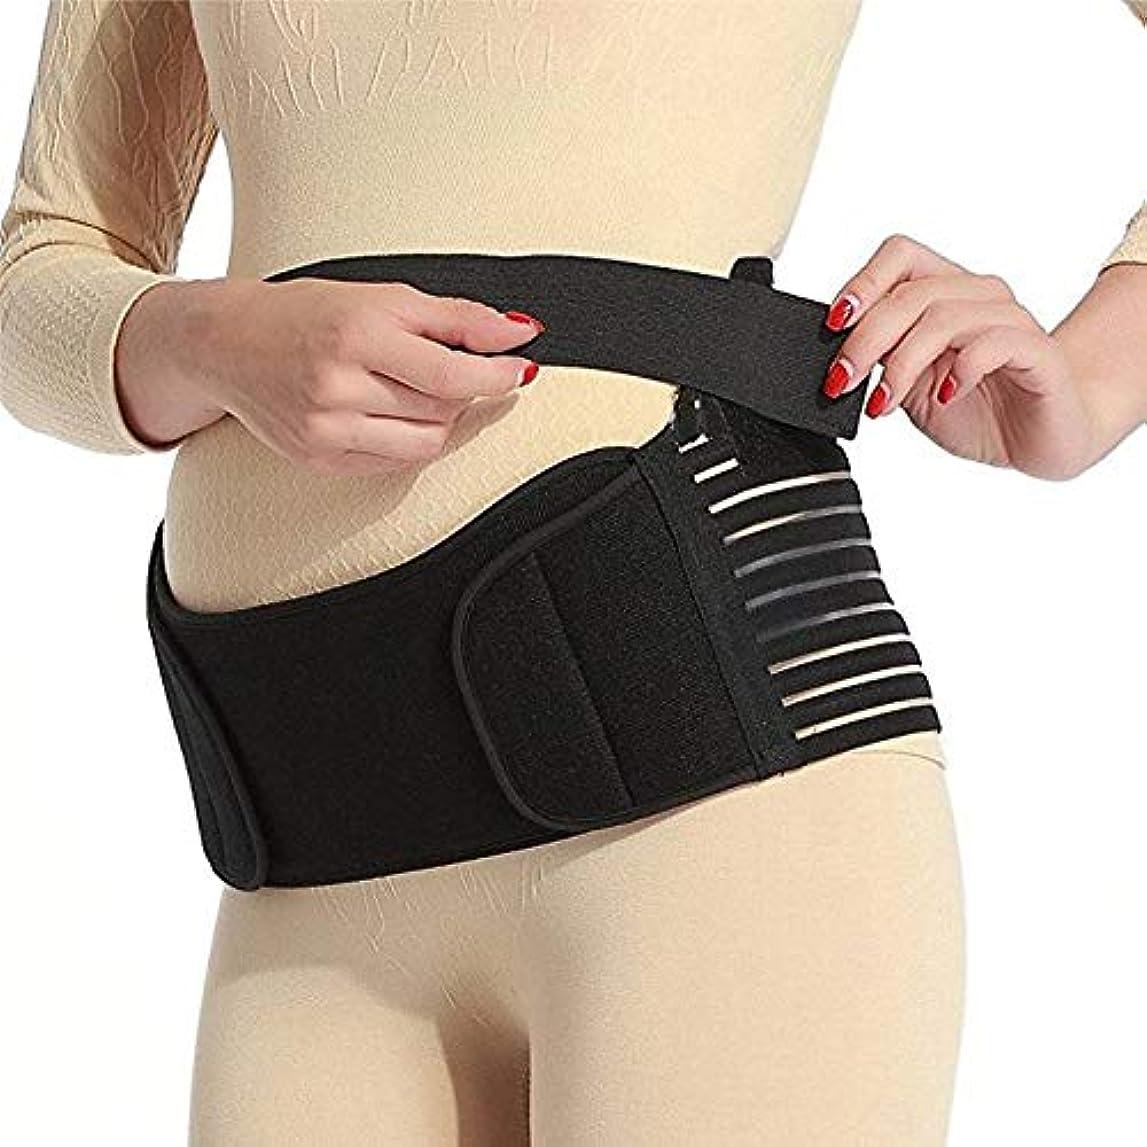 二週間シャーインタネットを見る通気性マタニティベルト妊娠中の腹部サポート腹部バインダーガードル運動包帯産後の回復shapewear - ブラックM